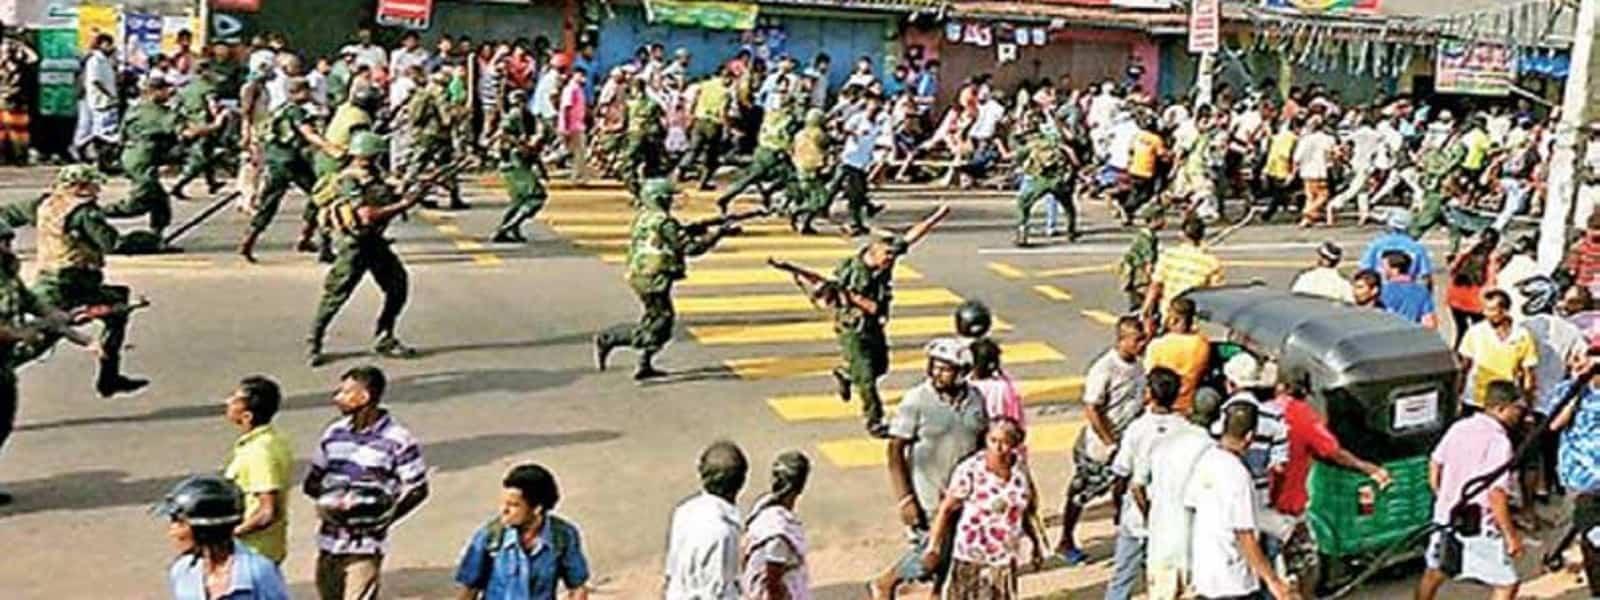 வெலிவேரியவில் ஆர்ப்பாட்டத்தில் ஈடுபட்டவர்கள் கொலை செய்யப்பட்டமை தொடர்பான வழக்கு நிறைவு